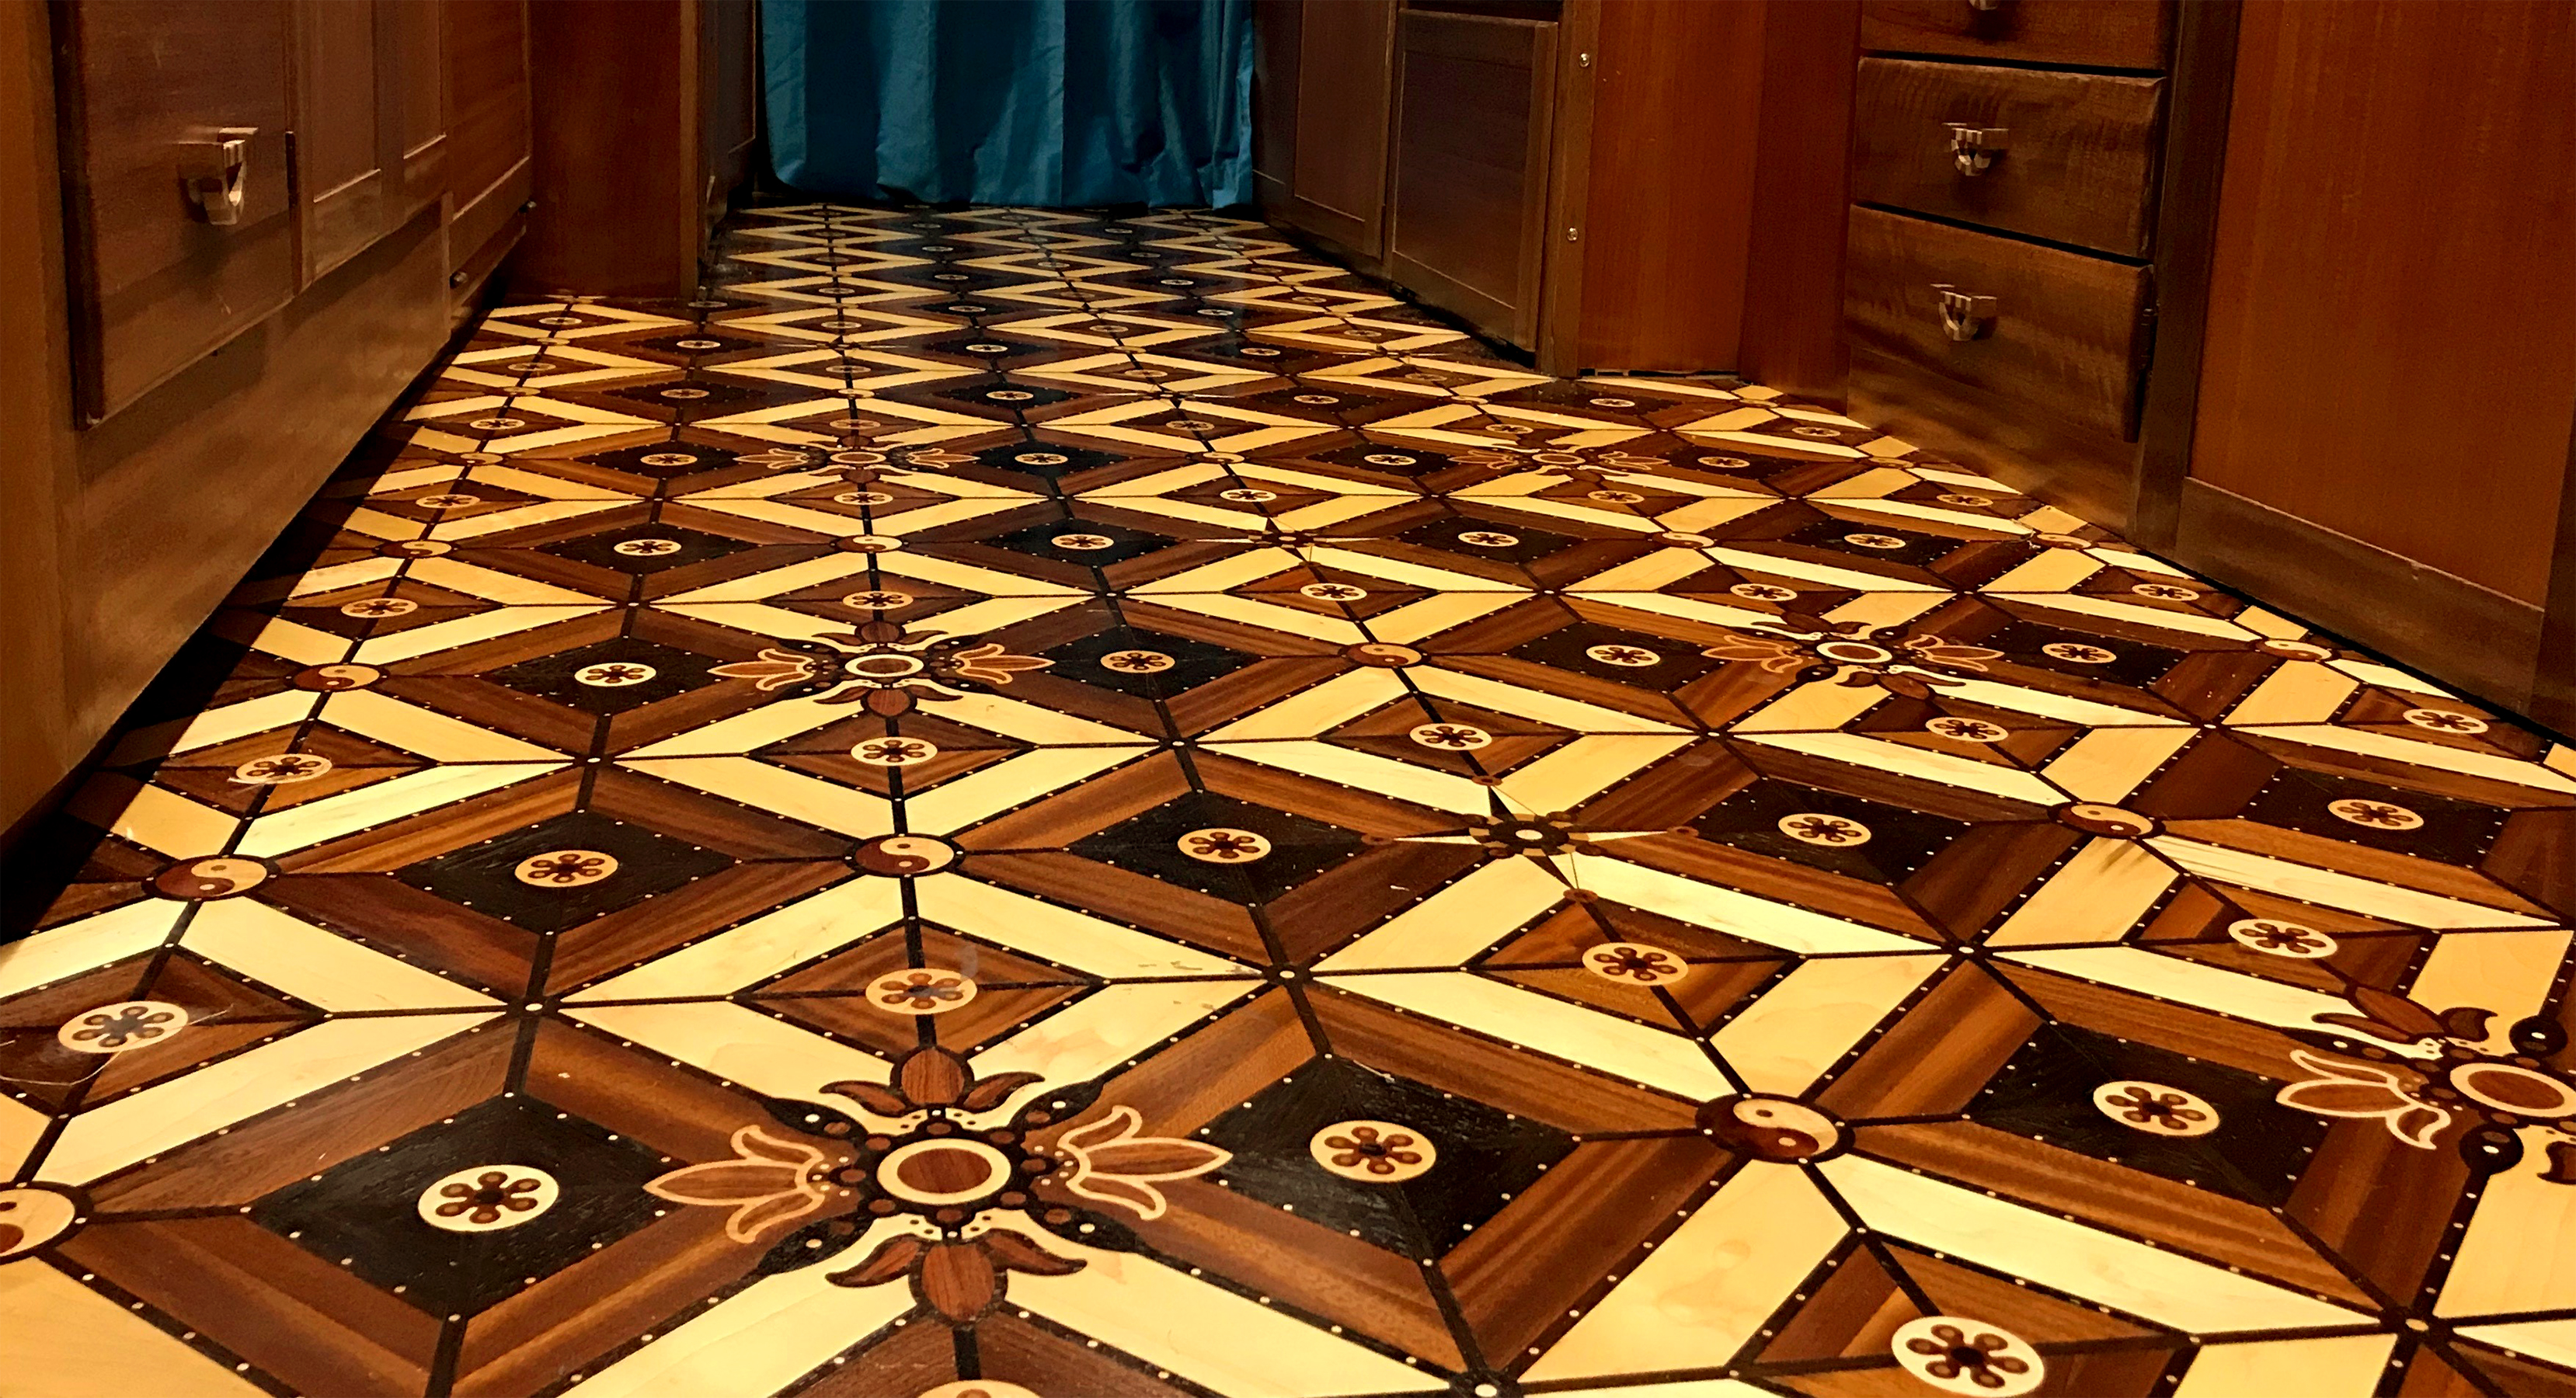 Floor de lis